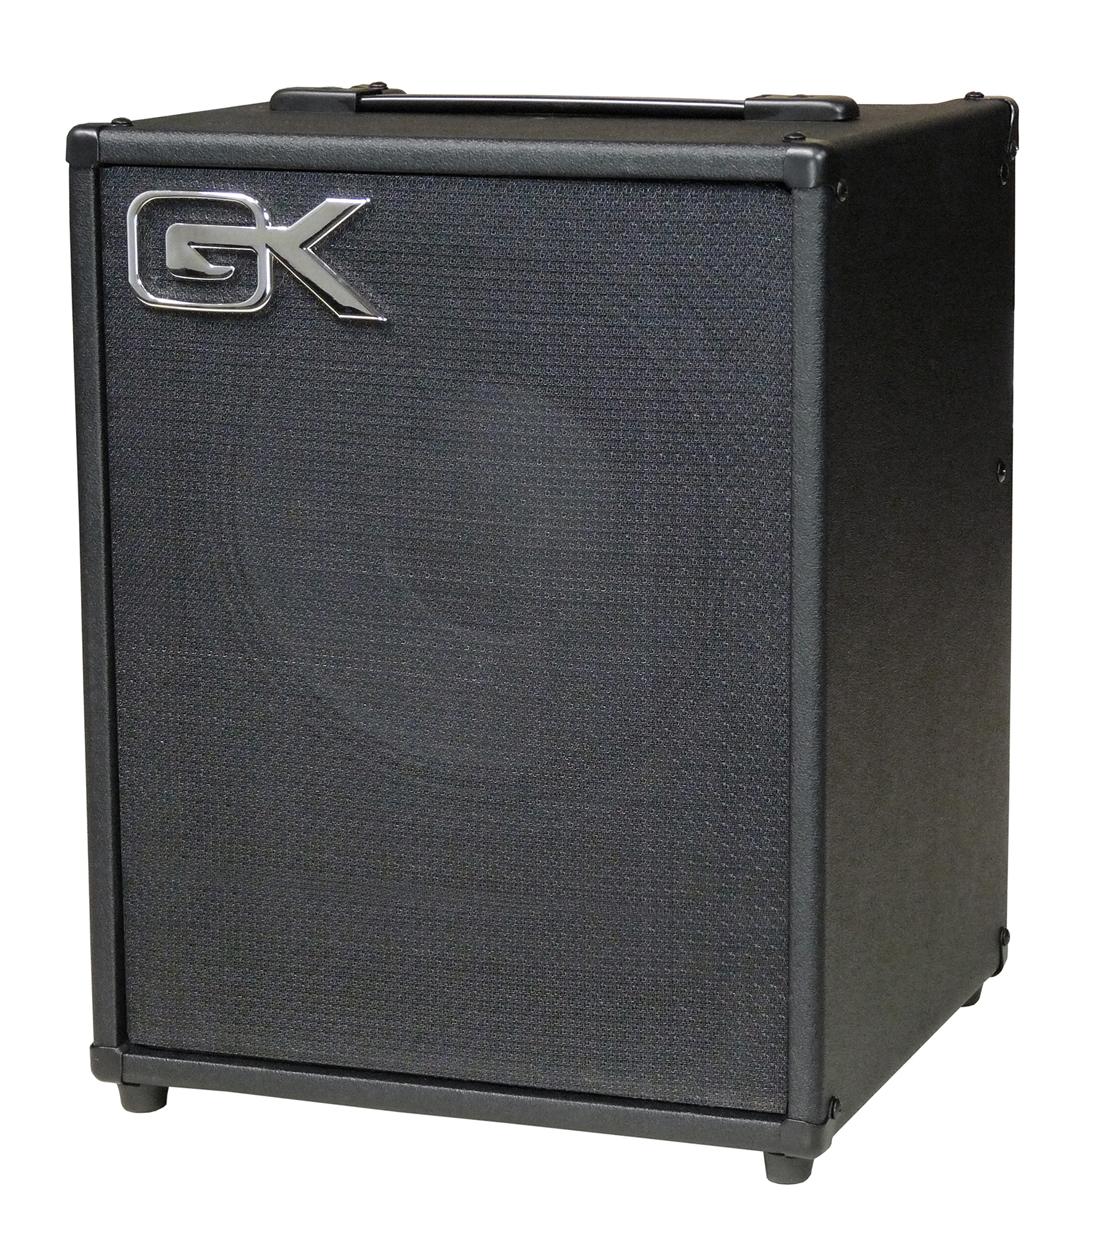 Buy gk MB 1 x 10 100 Watt Ultralight Bass Guitar Combo Melody House